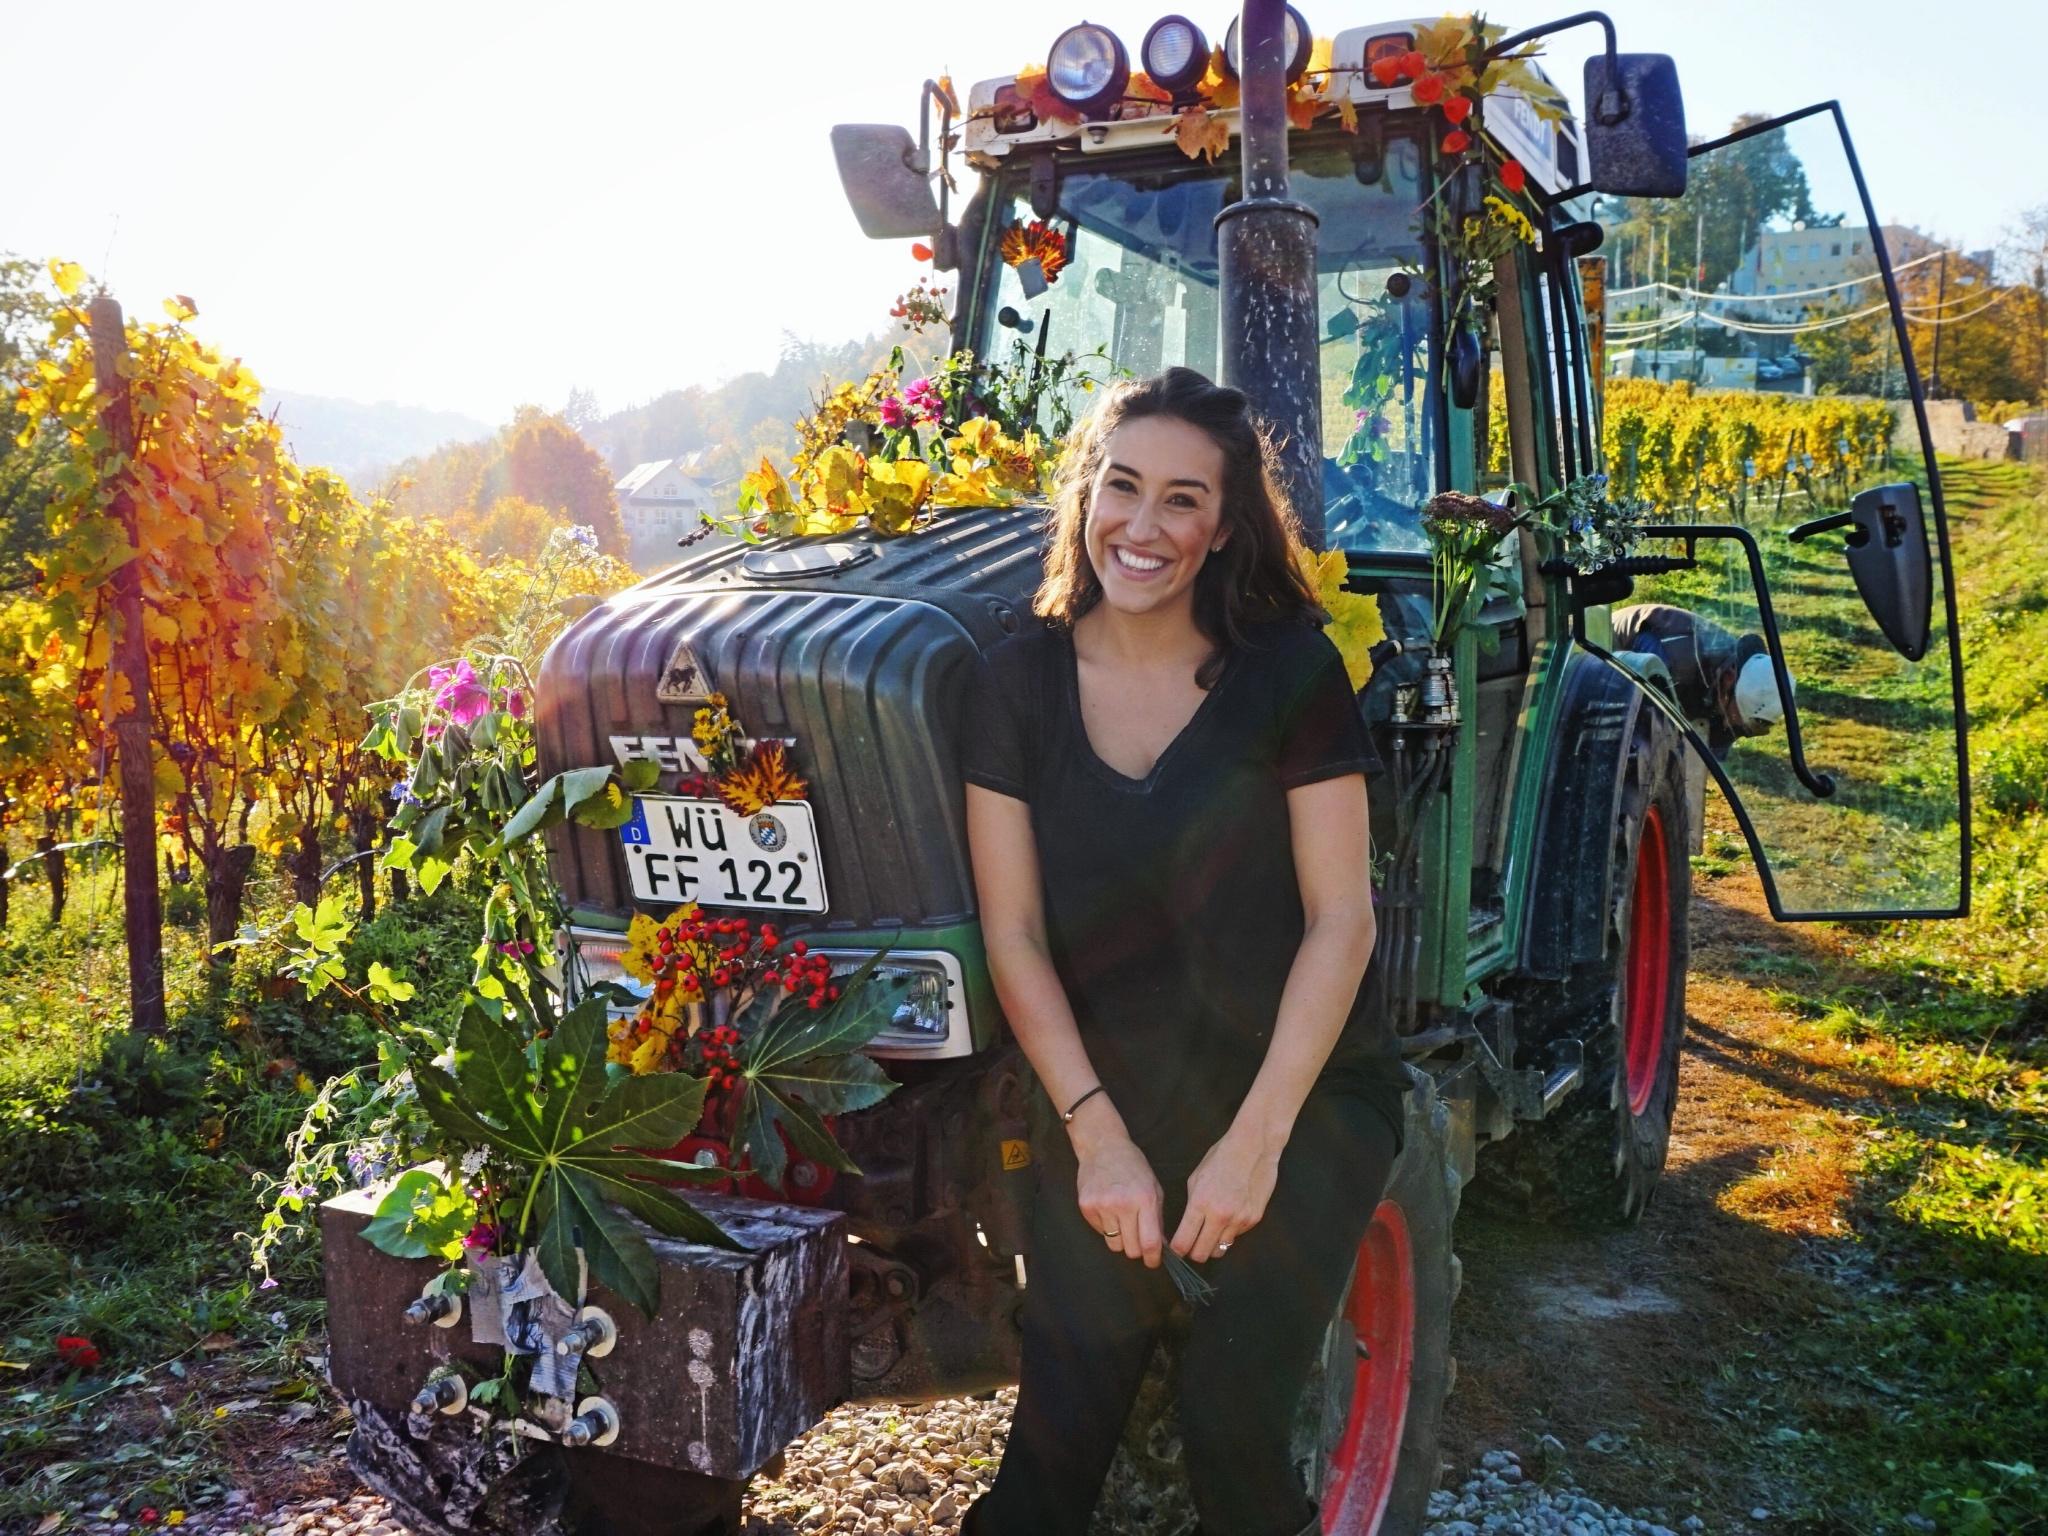 Jana mit ihrer Arbeitsmaschine - Foto: Franziska Schömig